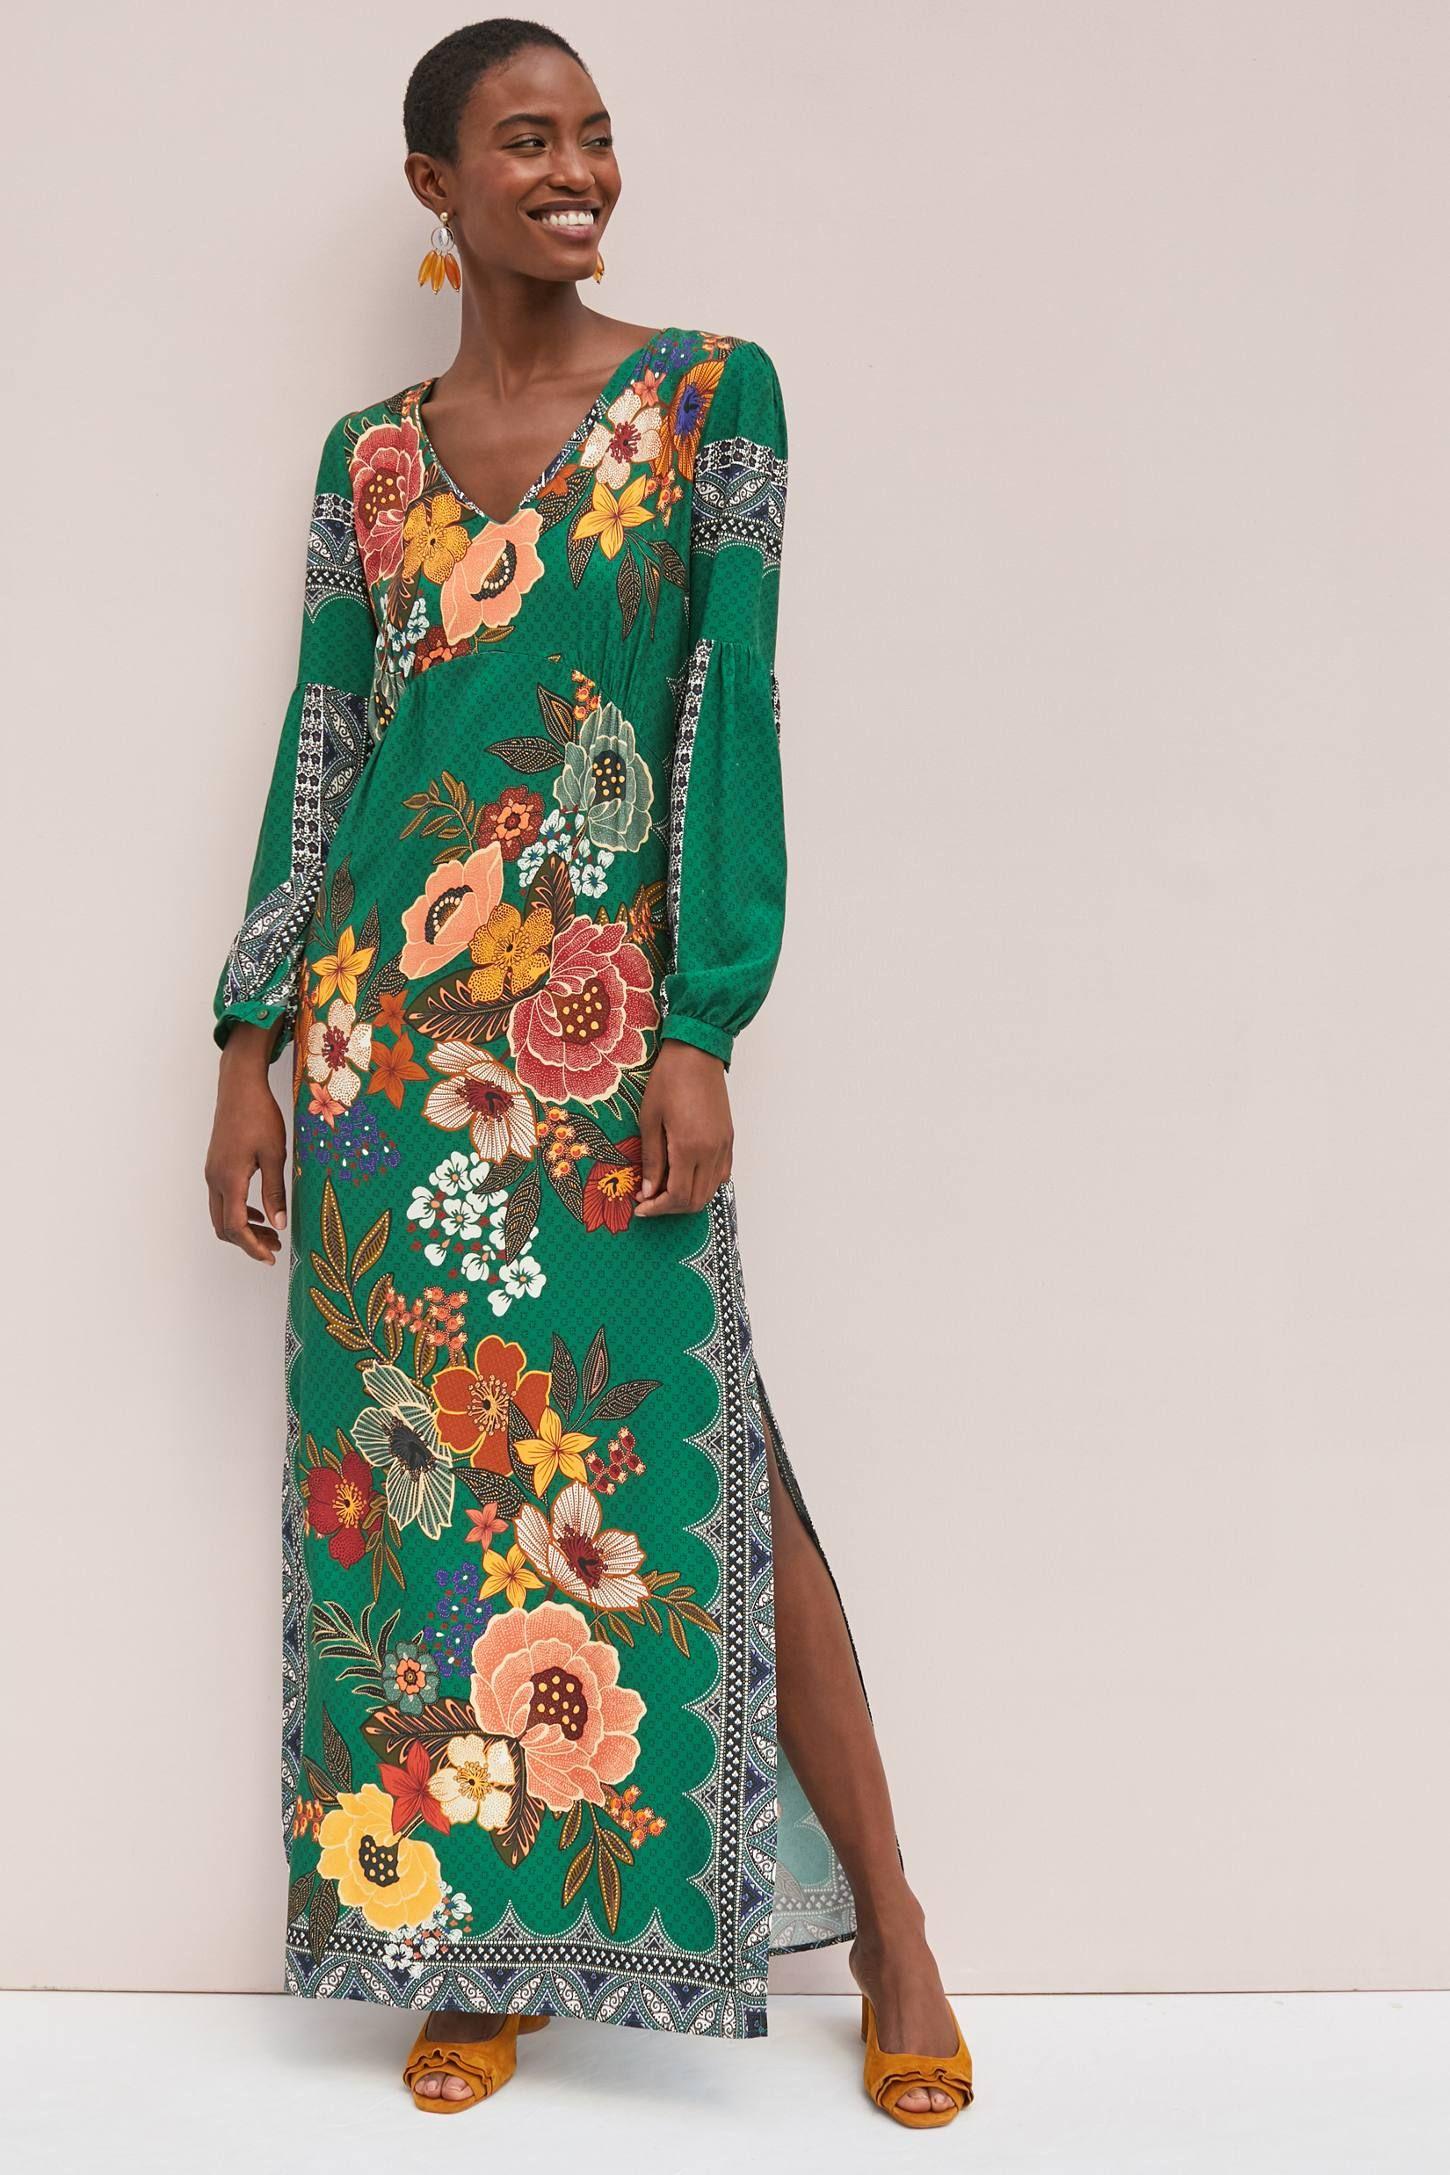 77c381e3228 Farm Rio Verdor Maxi Dress in 2019 | Style Inspiration | Dresses ...